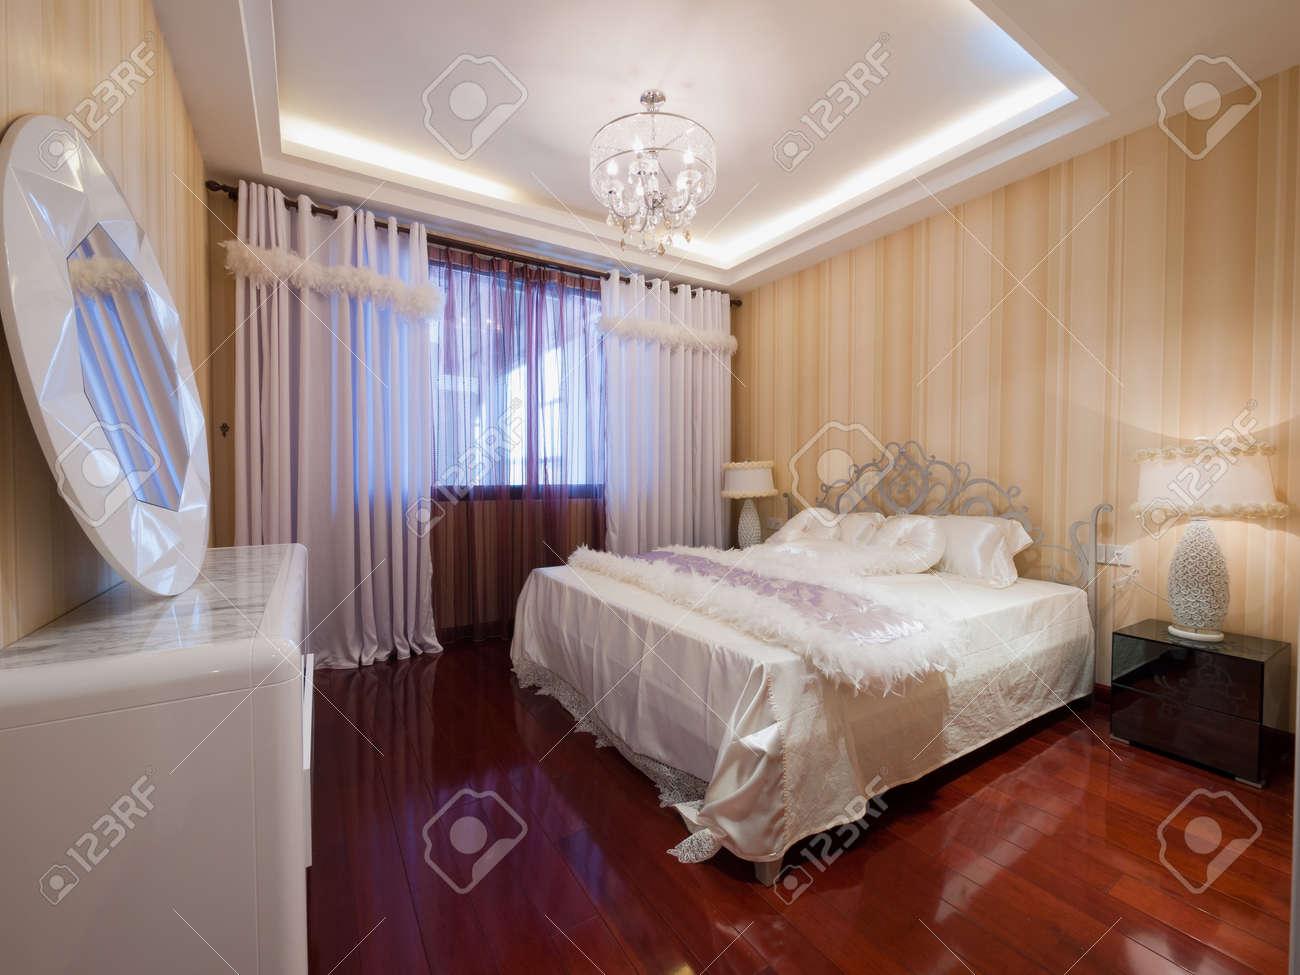 La chambre à coucher moderne avec une belle décoration banque d ...